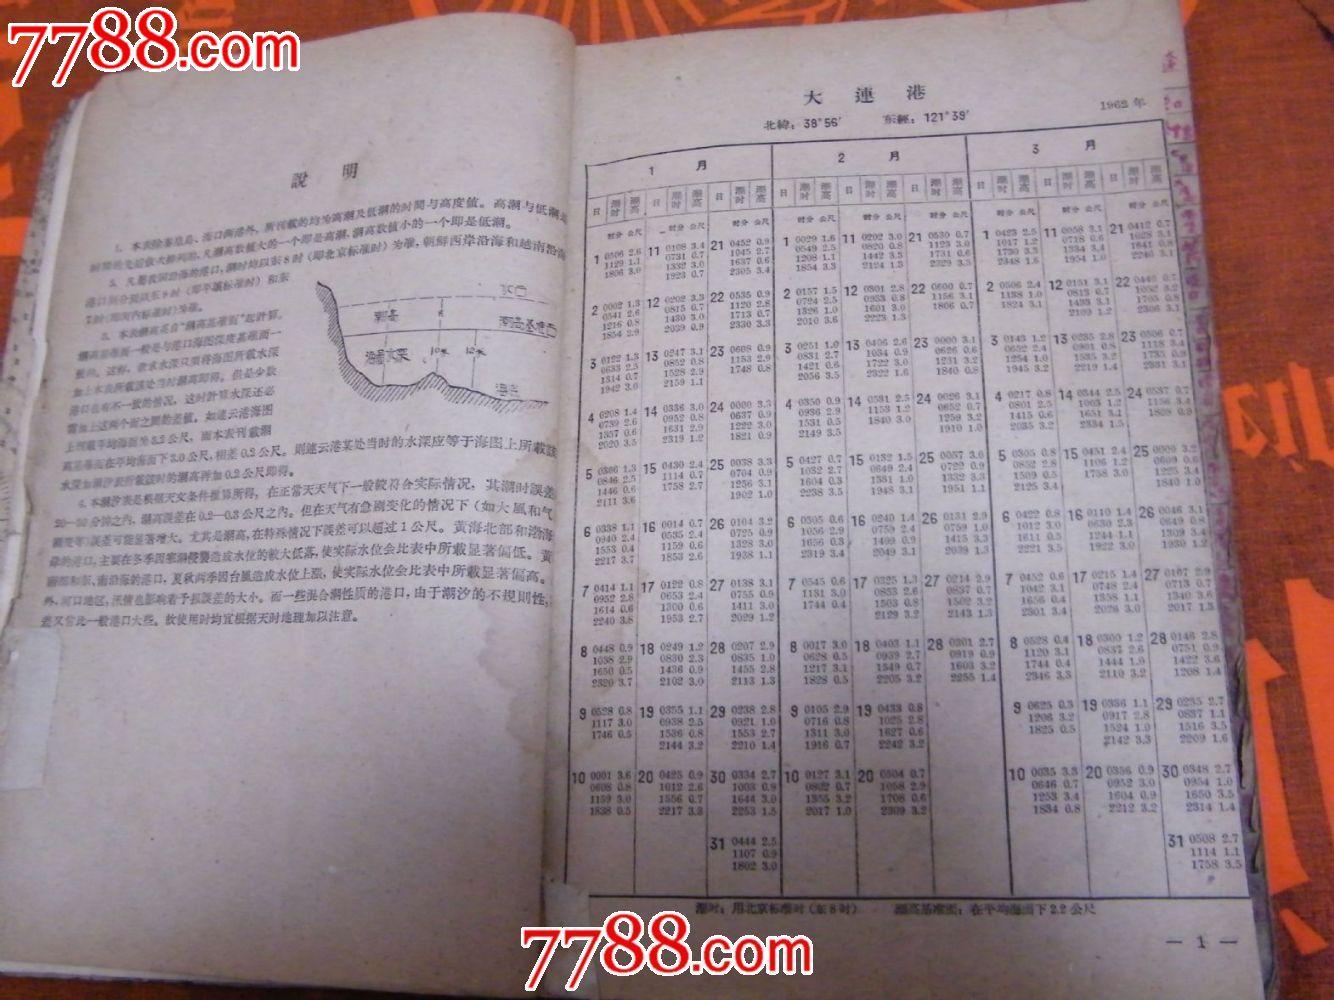 潮汐表(1962年辽宁至福建沿海及朝鲜两岸沿岸)图片